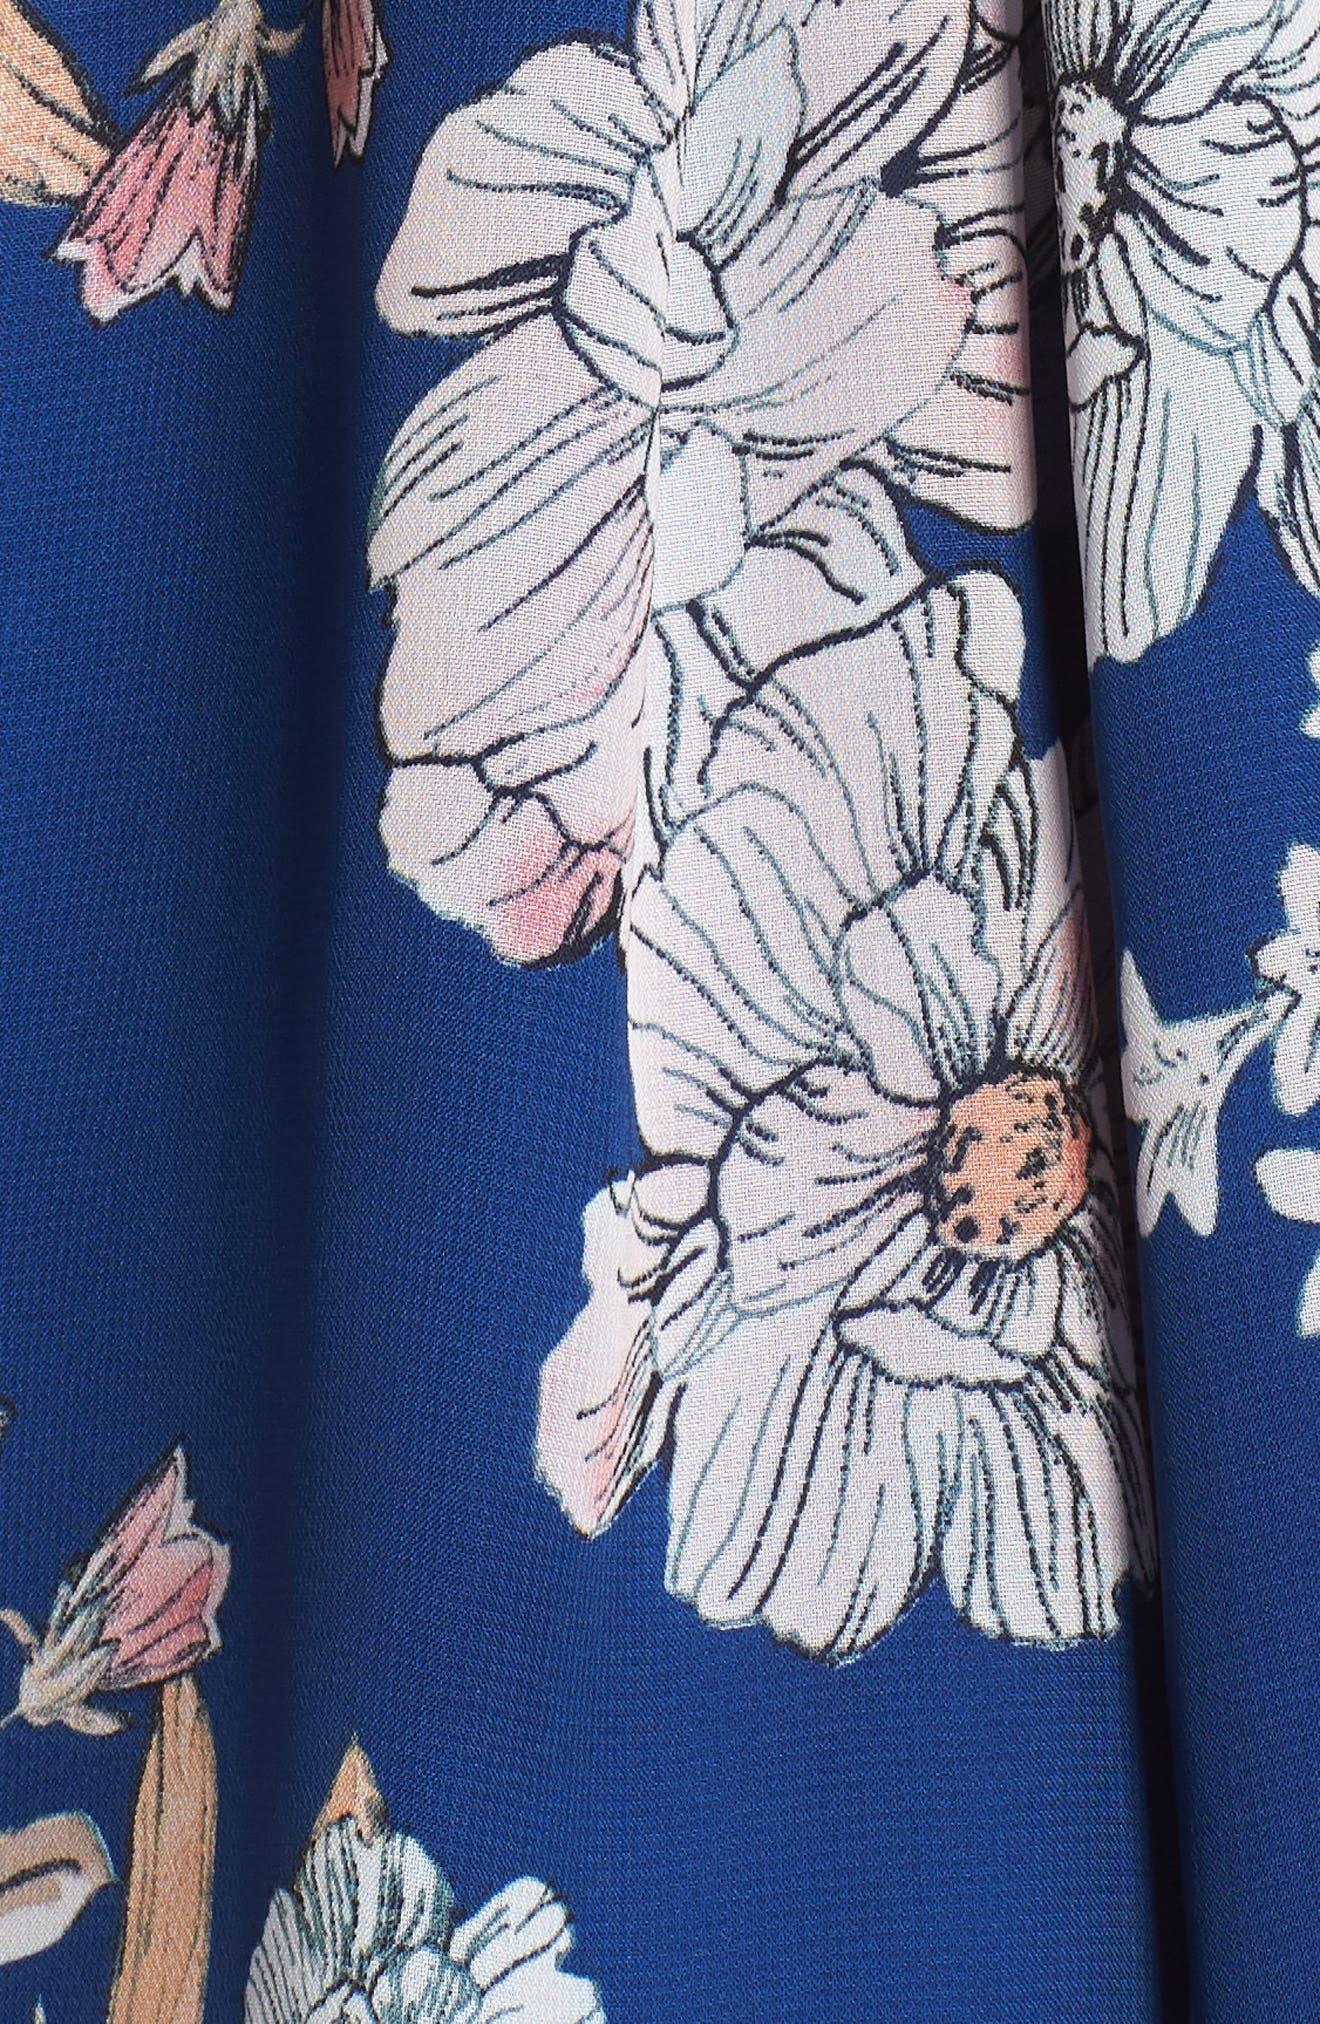 Starlet Romper,                             Alternate thumbnail 5, color,                             Blue Floral